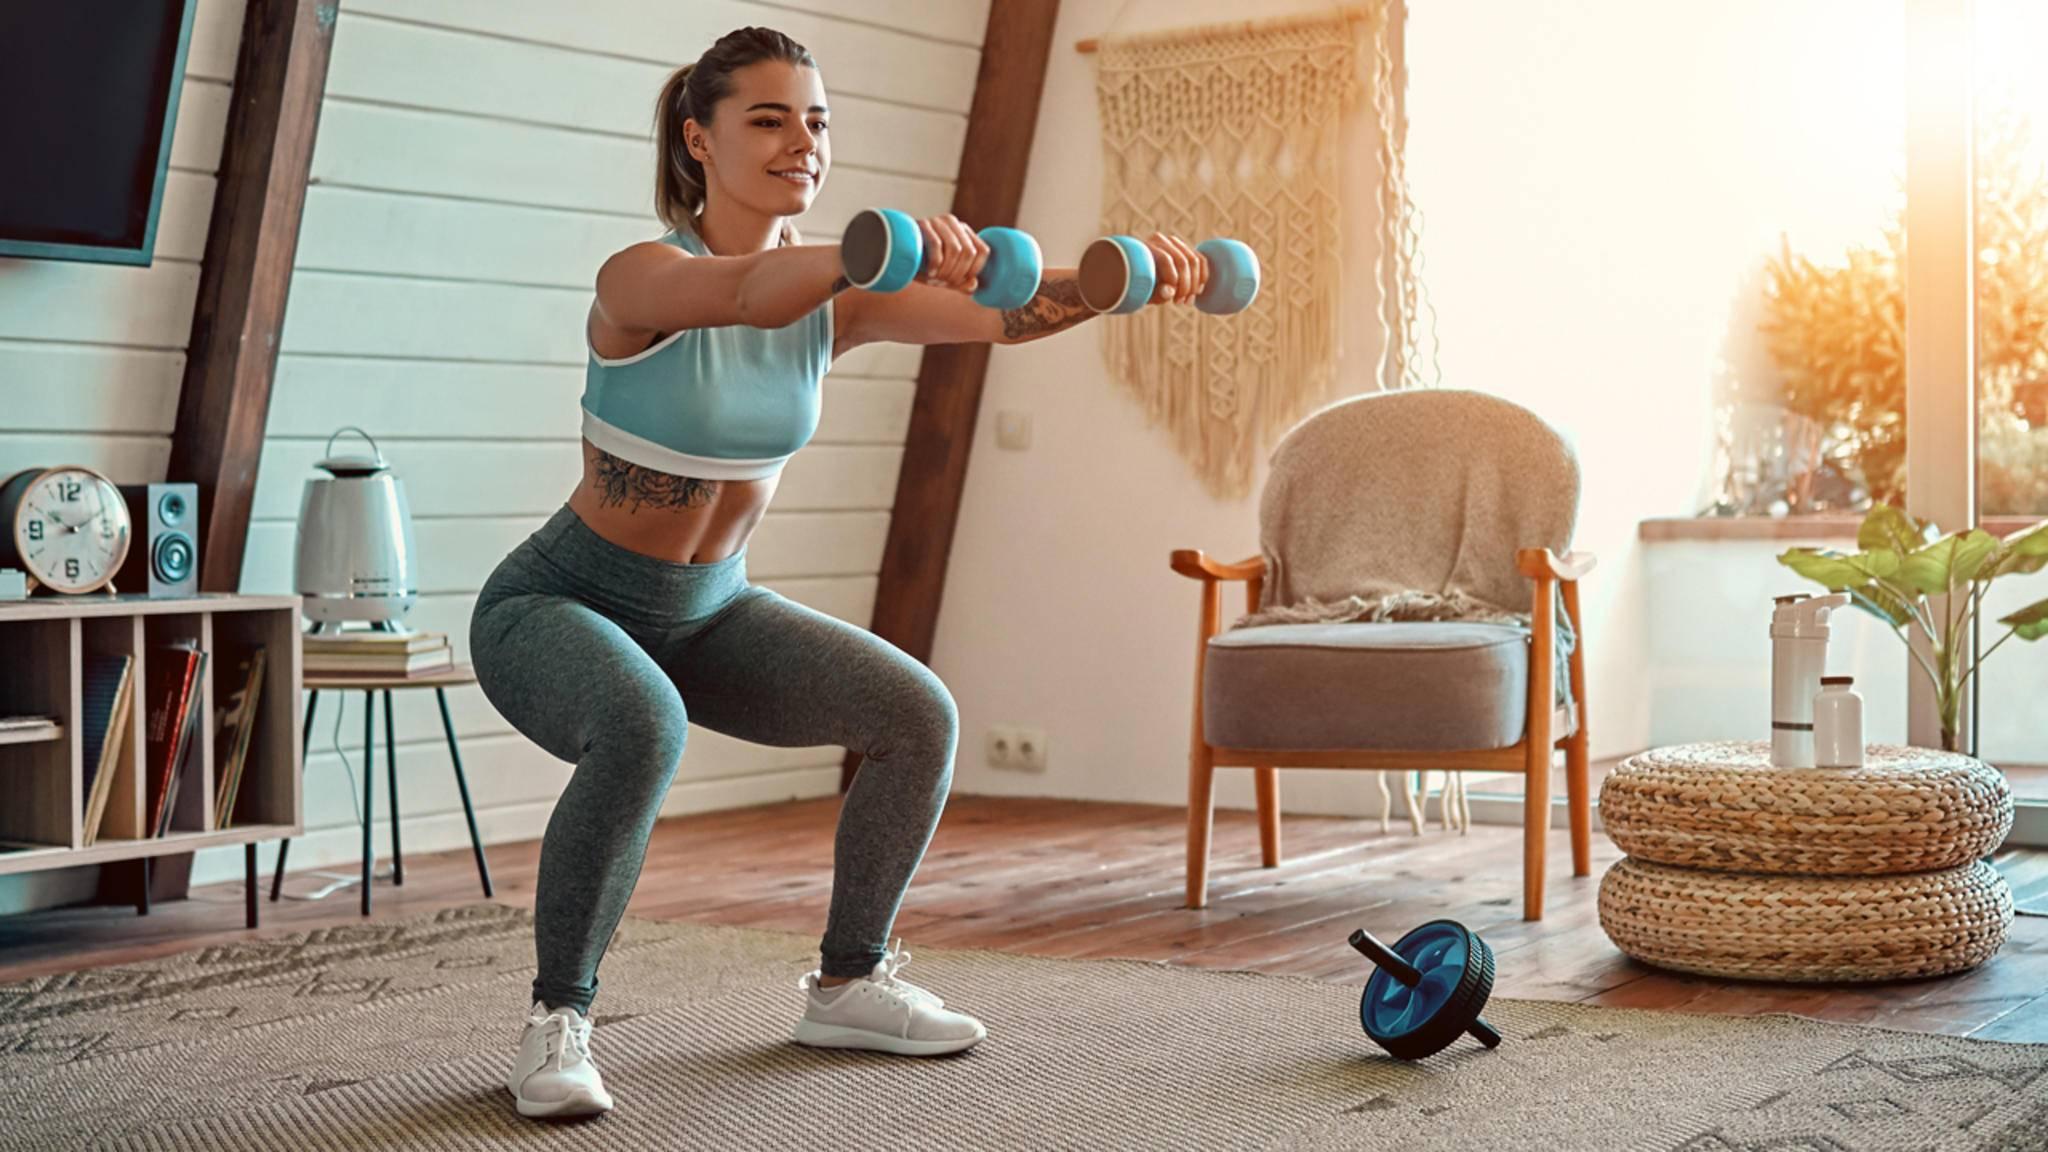 Mit wenigen günstigen Geräten wird Dein Zuhause zum Ersatz fürs Fitnessstudio.